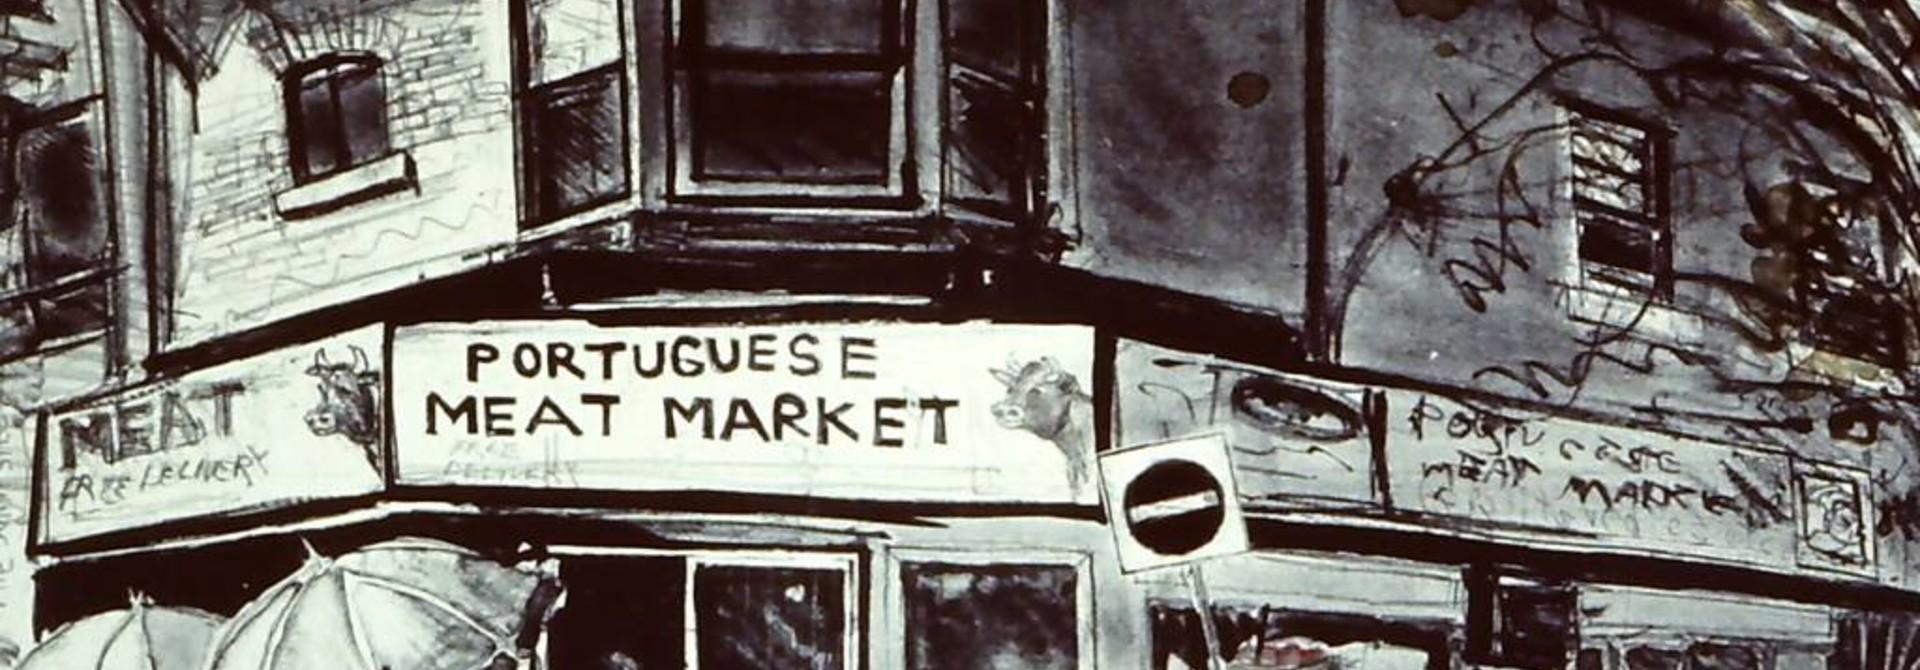 Portuguese Meat Market